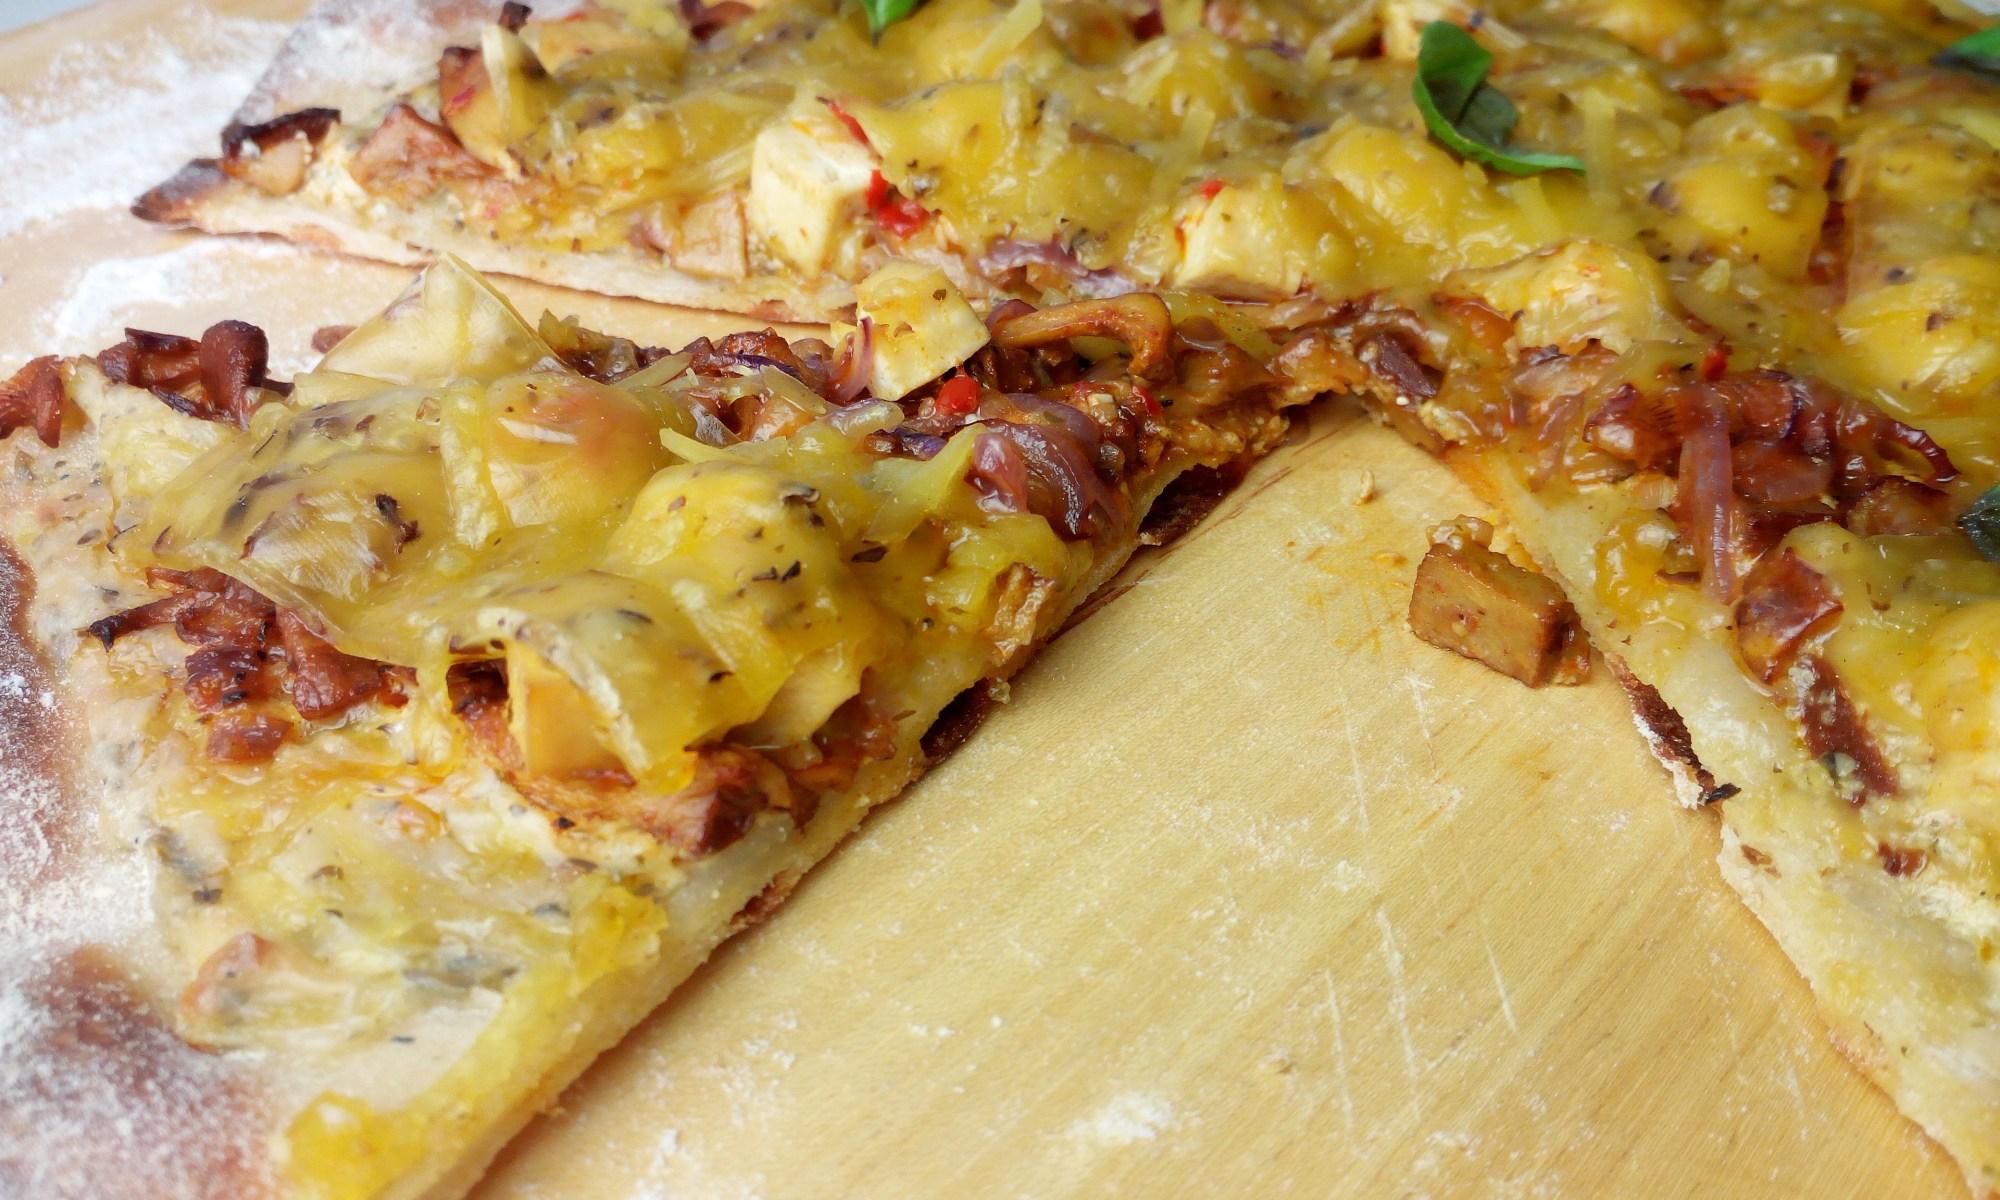 Die herzhaft deftige Pizza mit Pfifferlinge, geschmolzenem veganen Käse, roten Zwiebeln, leckerer pflanzlicher Käsecreme, Fermento Tofu-Würfeln und frischen Basilikum